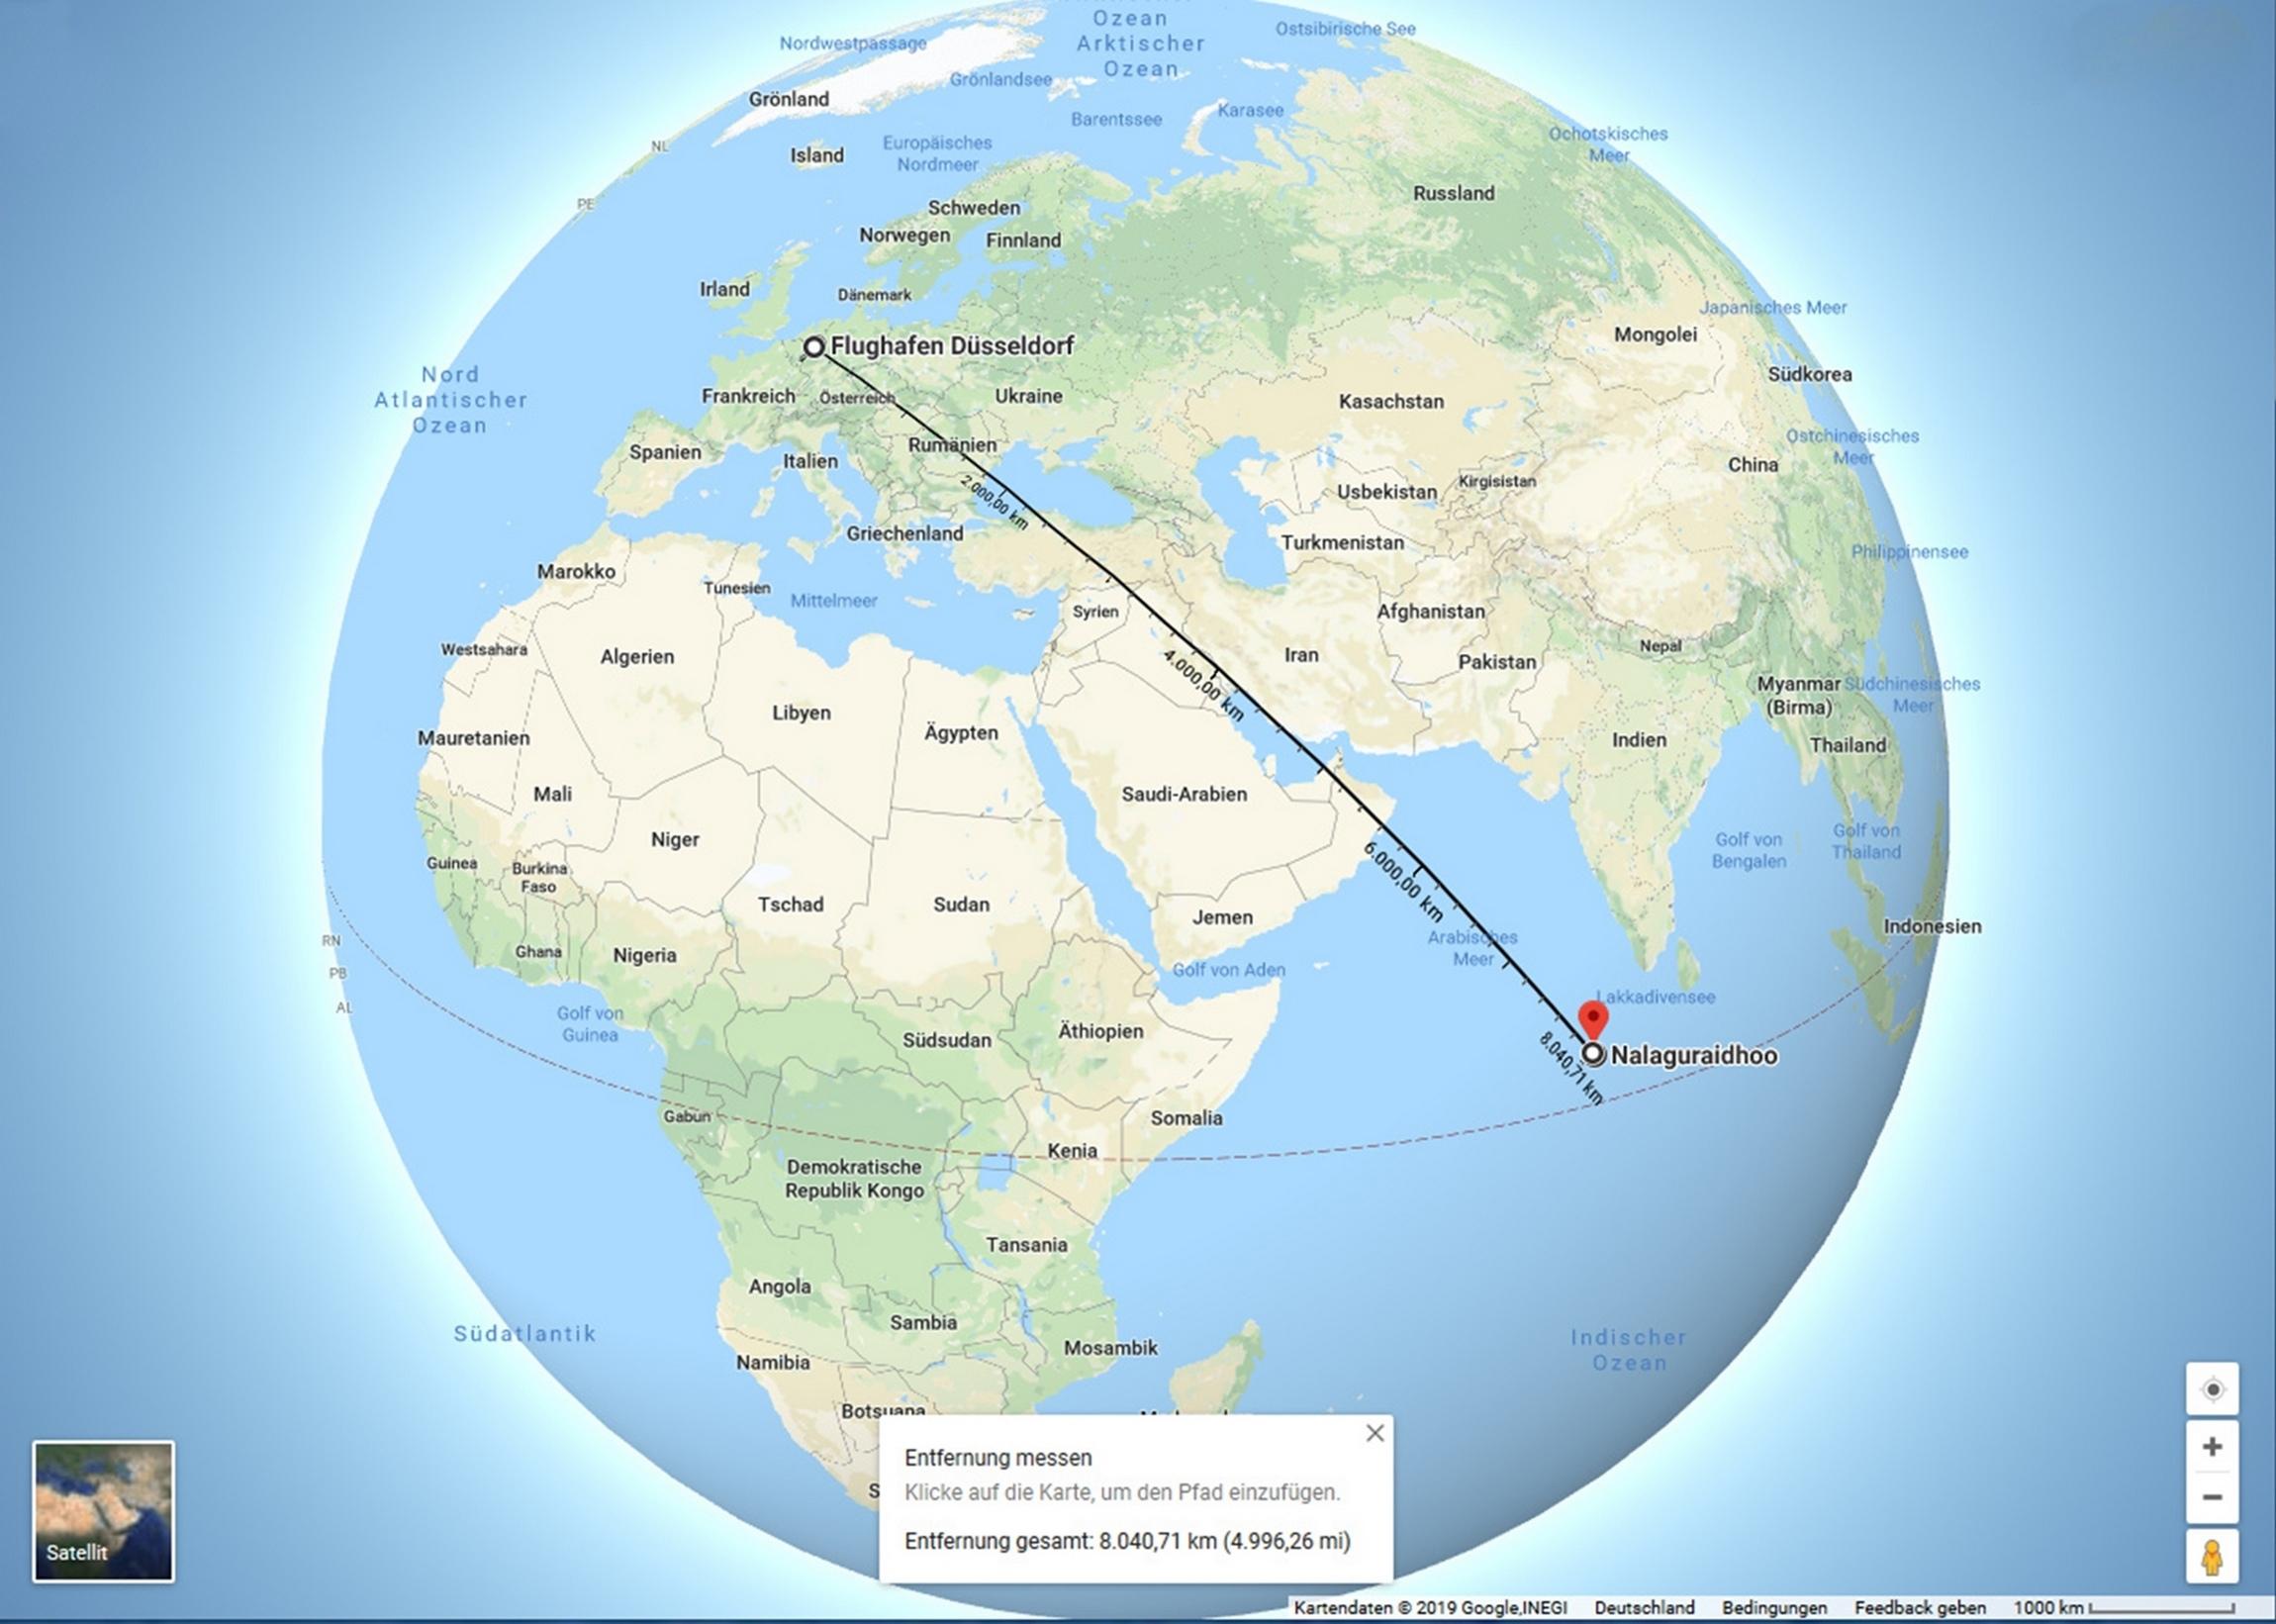 Entfernung Deutschland - Malediven